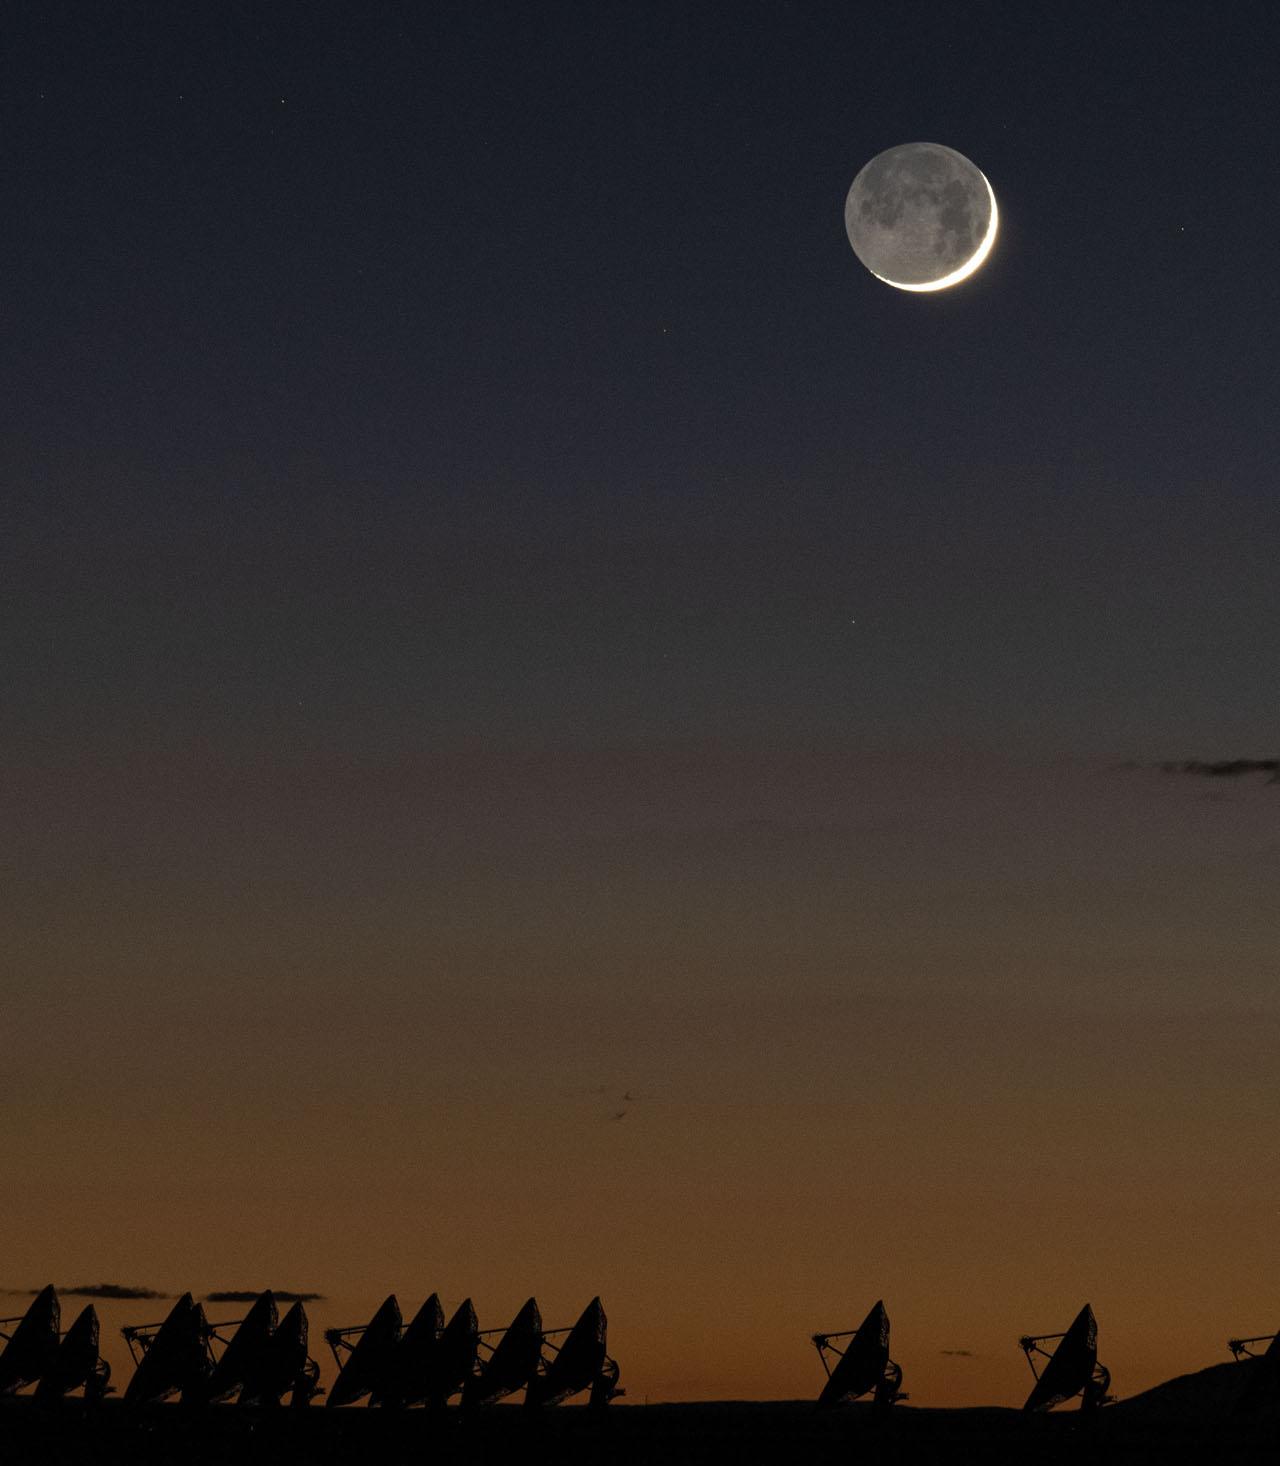 что такое пепельный свет луны